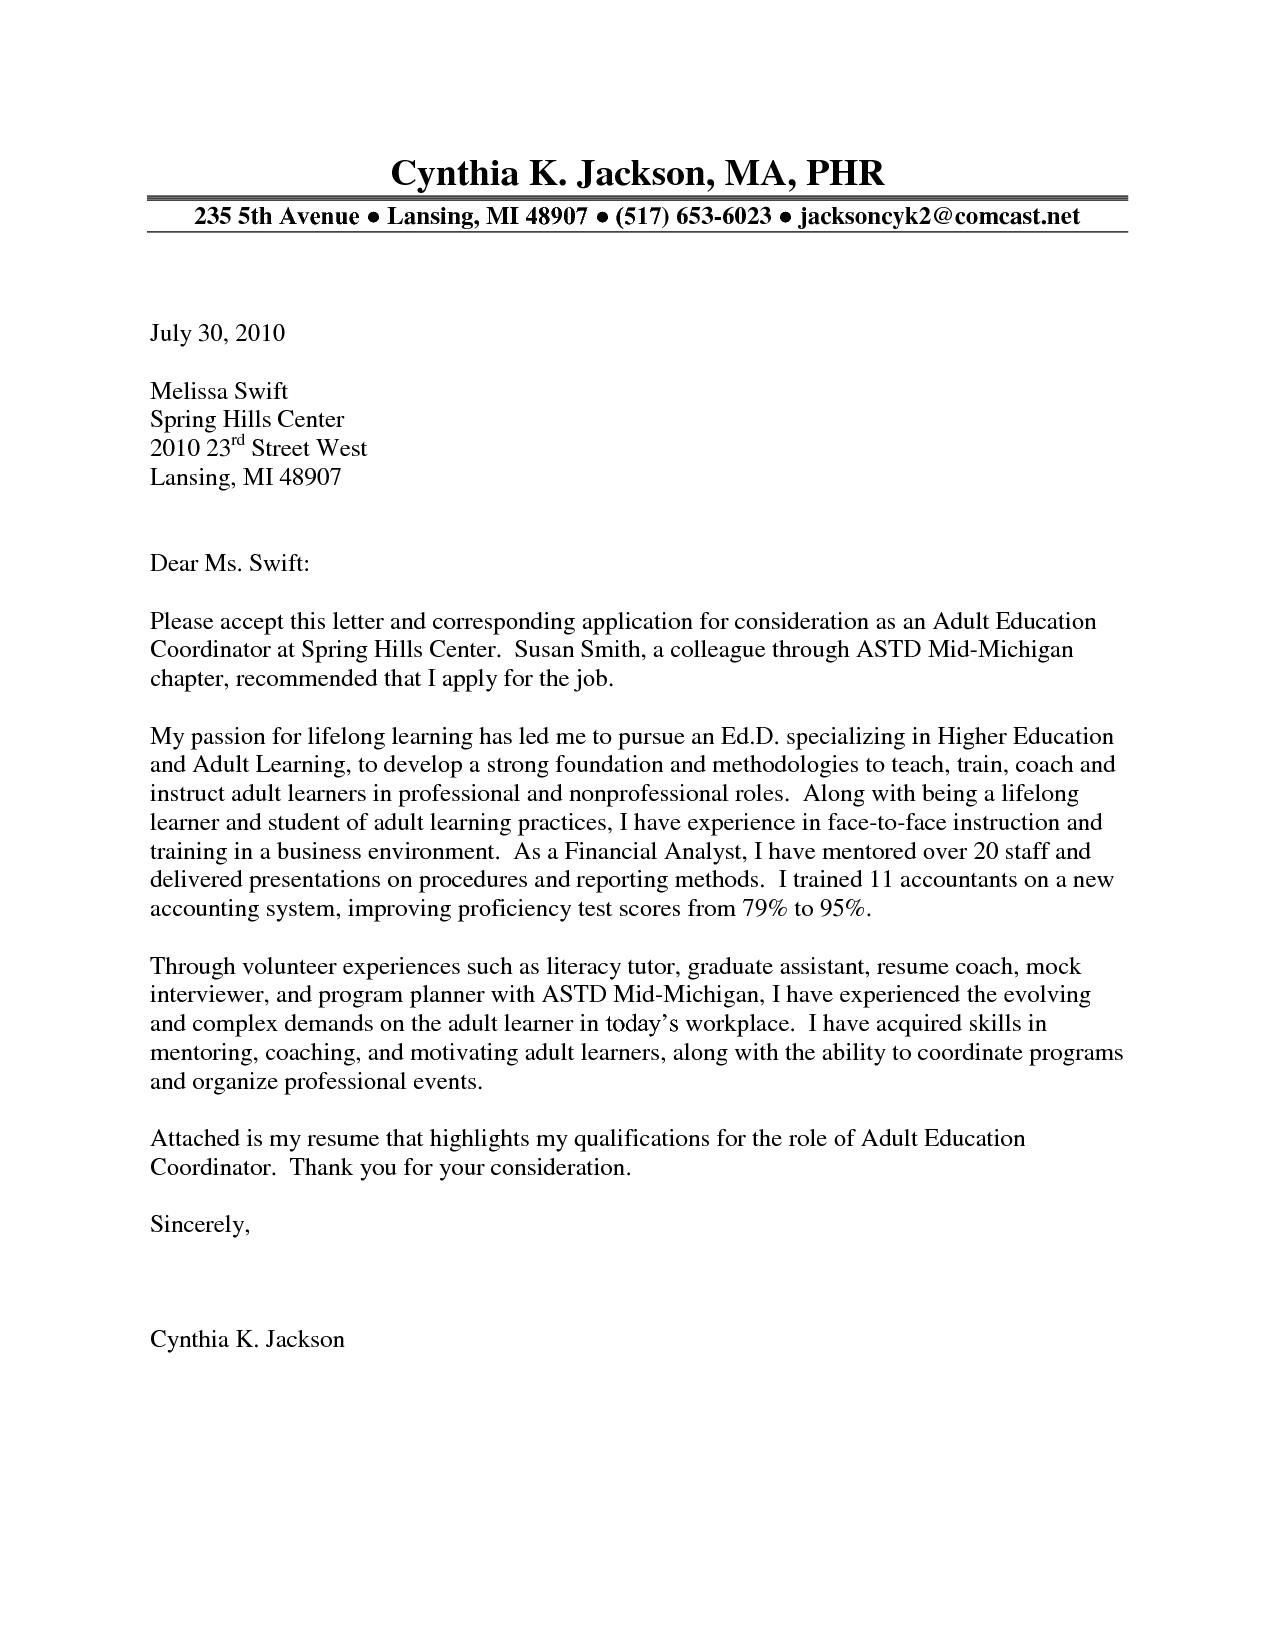 Education Cordinator Cover Letter